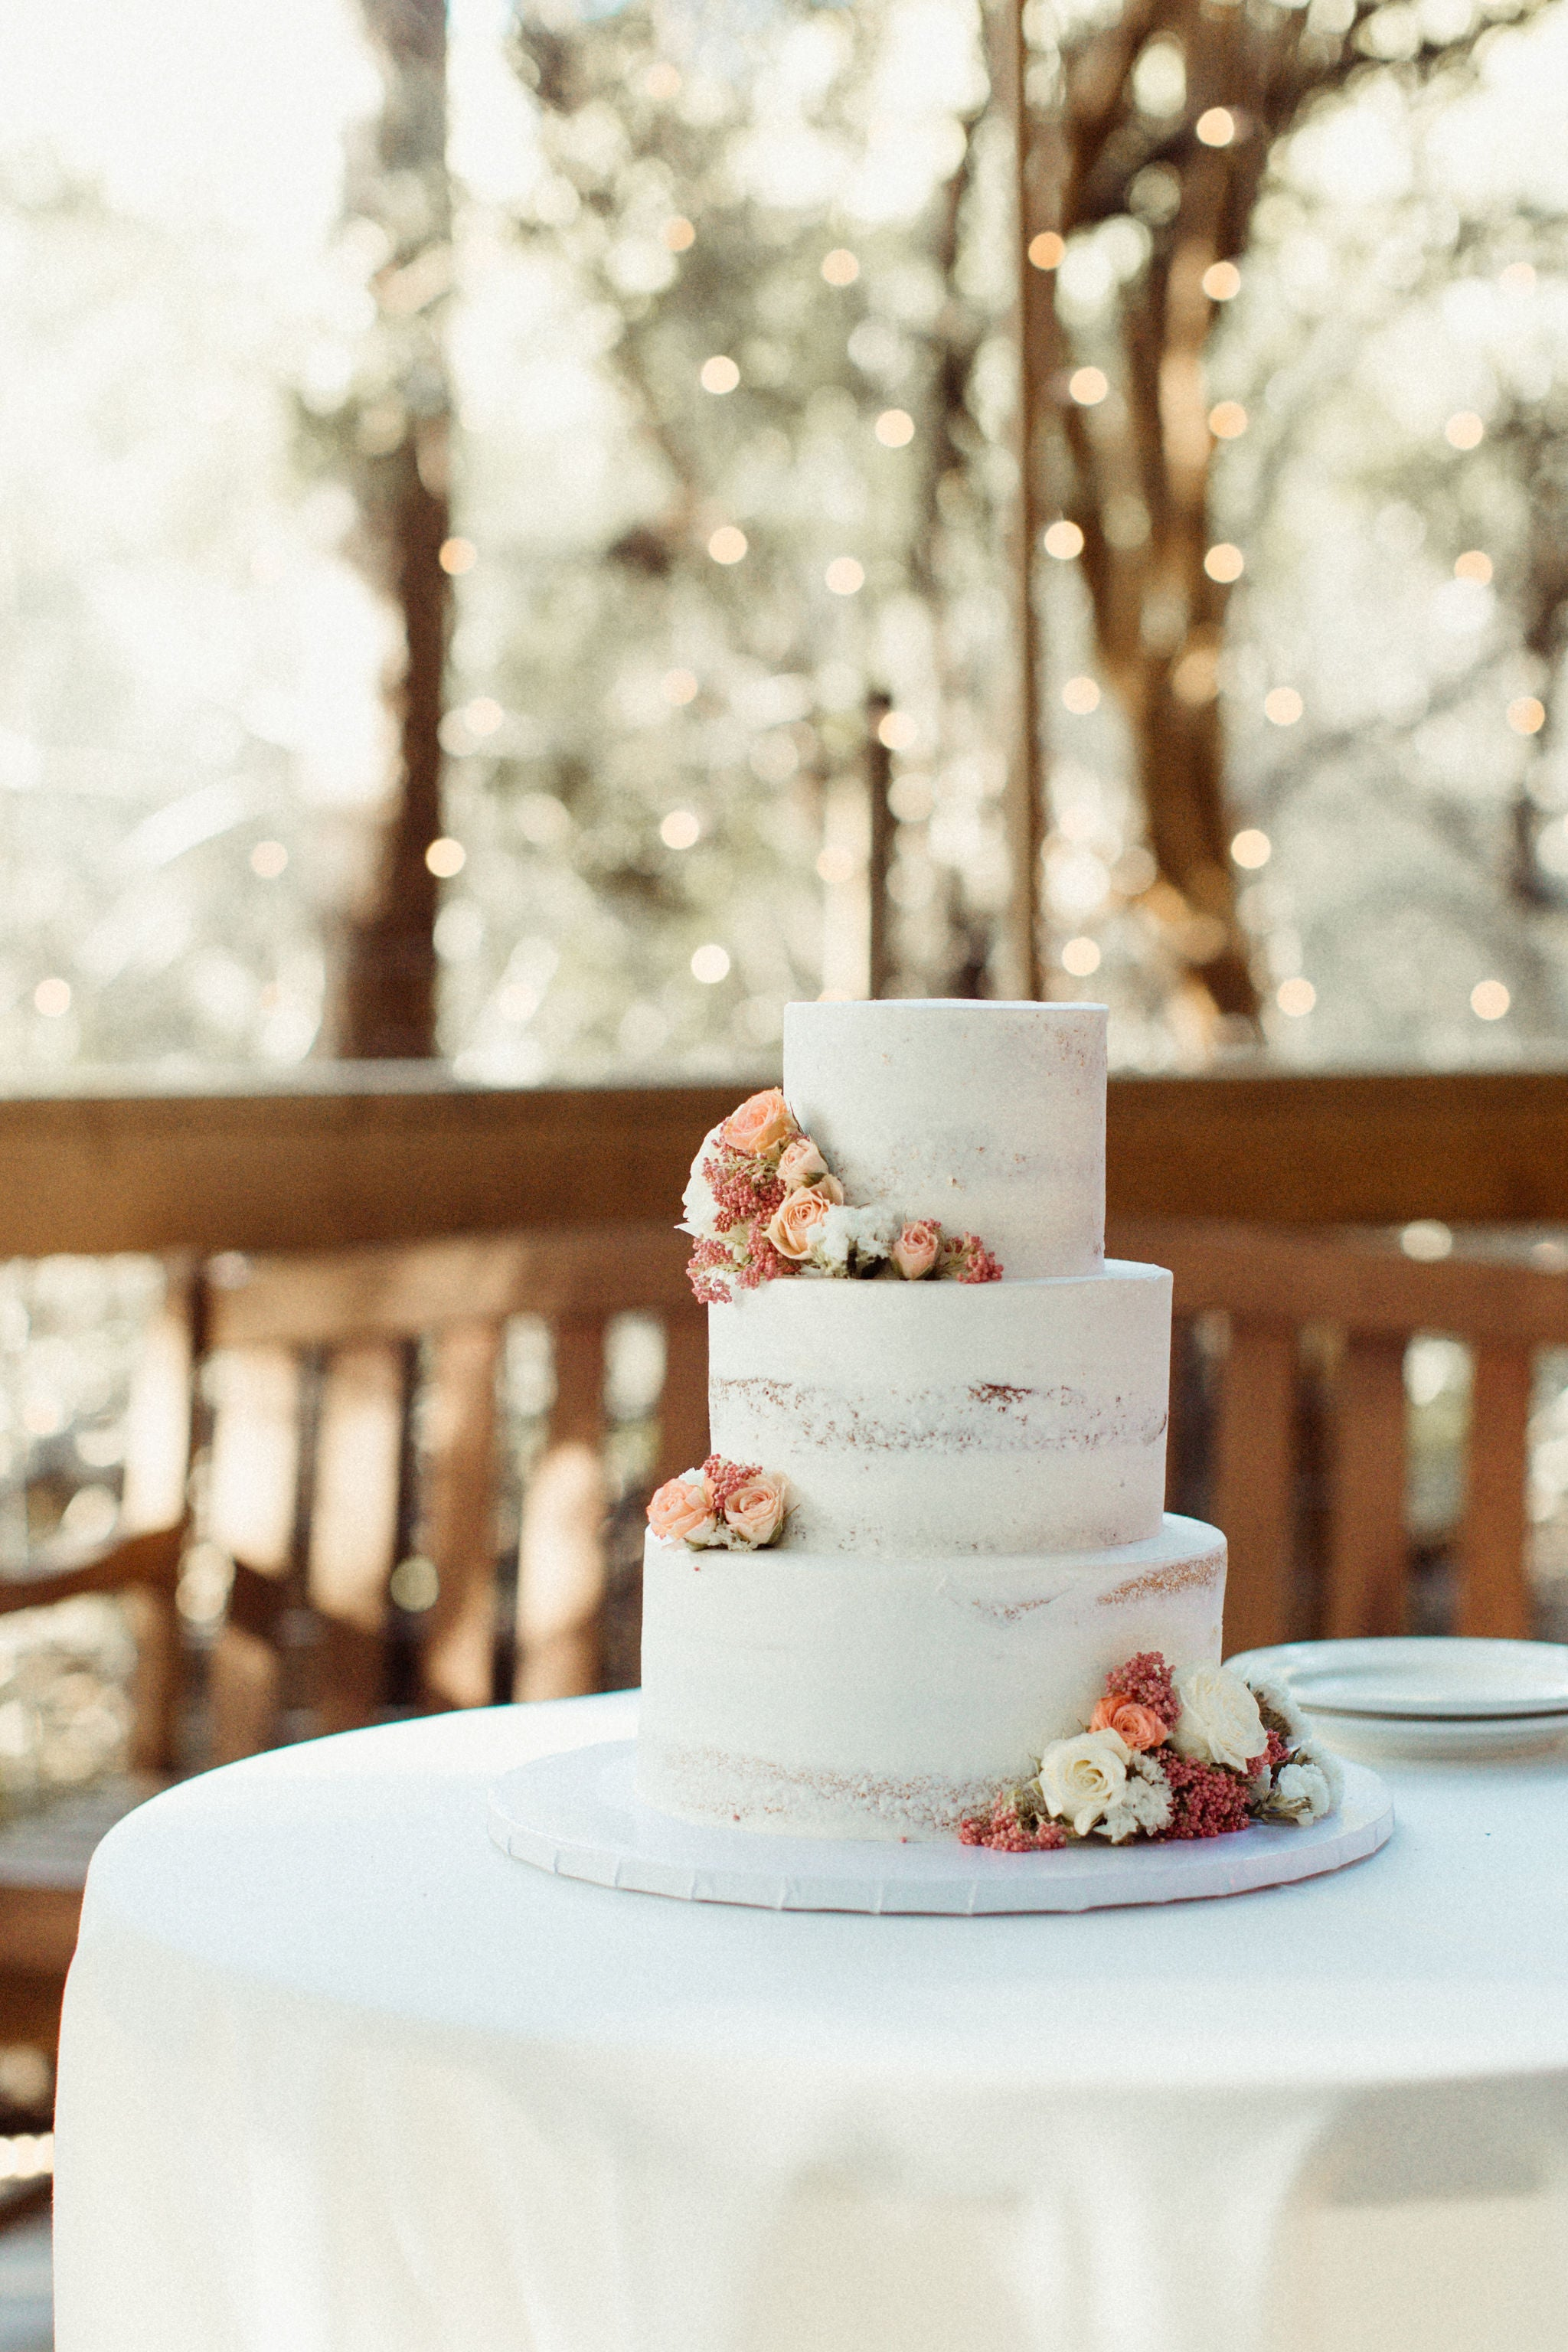 white cake wiht flowers